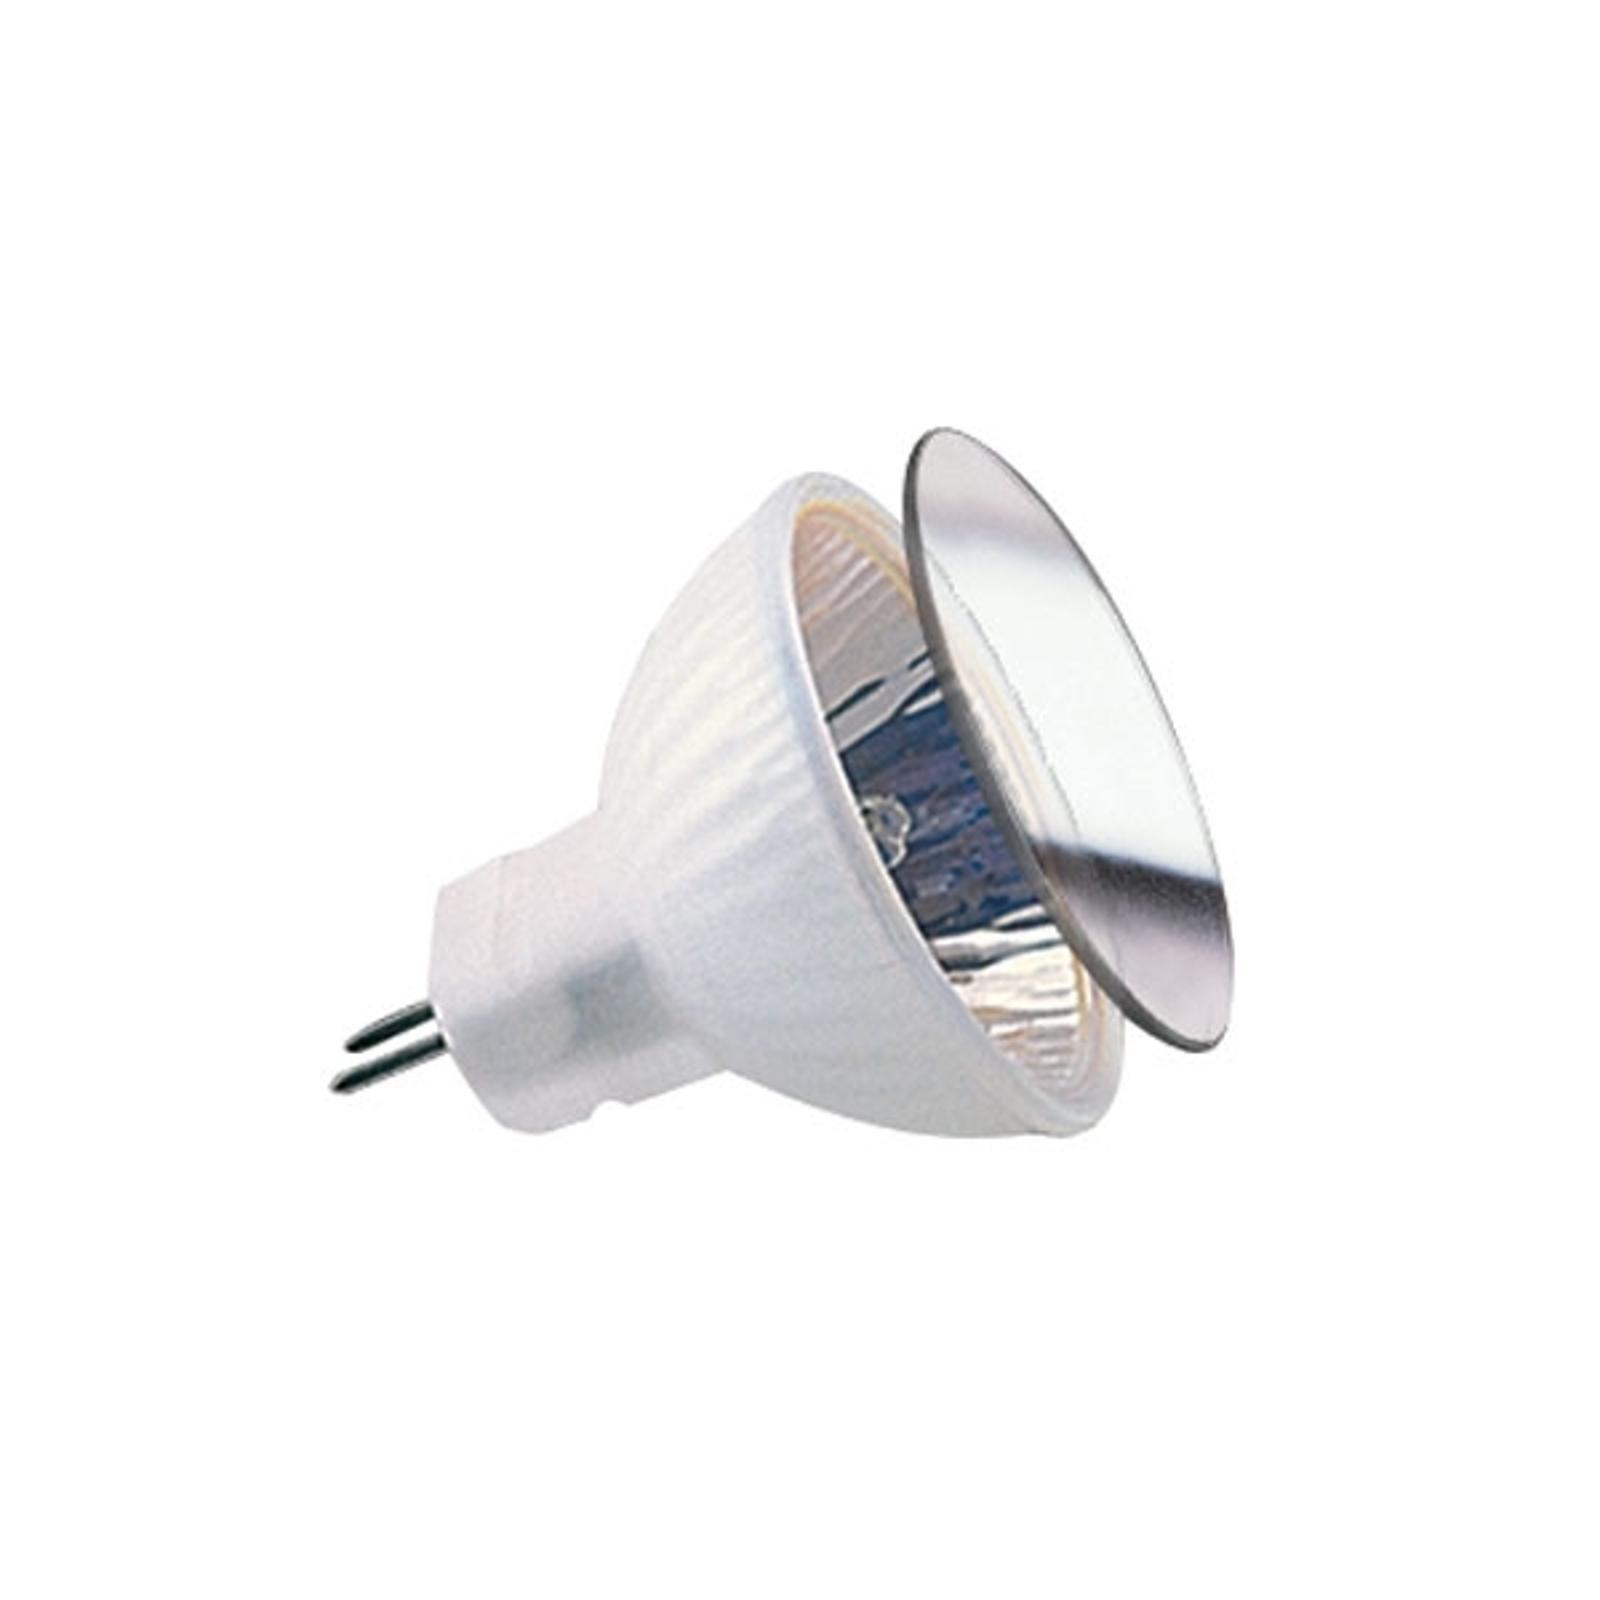 Paulmann GU4 Juwel Reflektor MR11 20W Satin, 2er